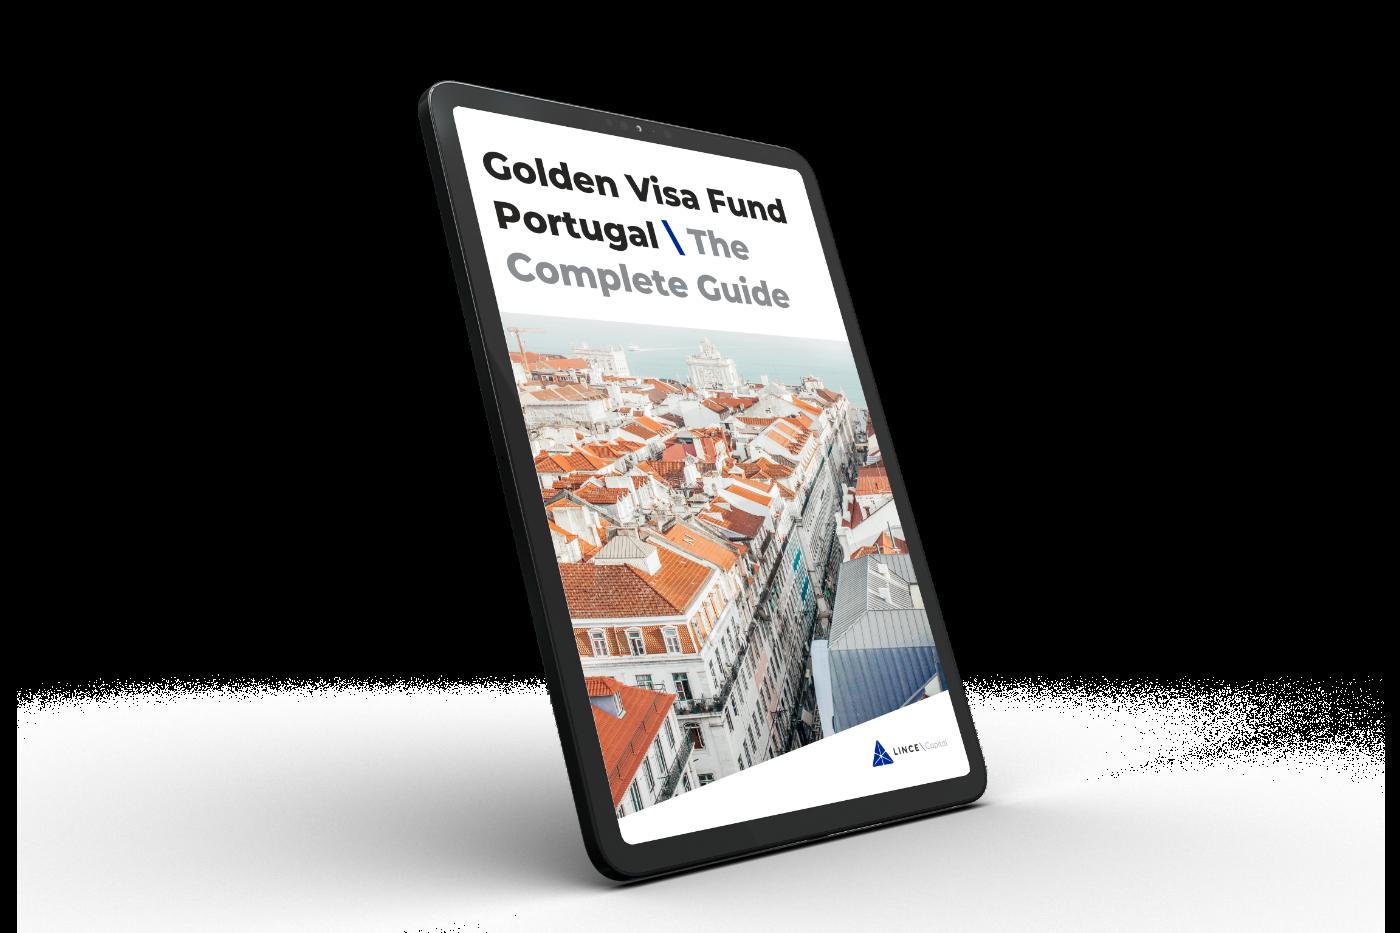 Golden Visa Investment funds Portugal